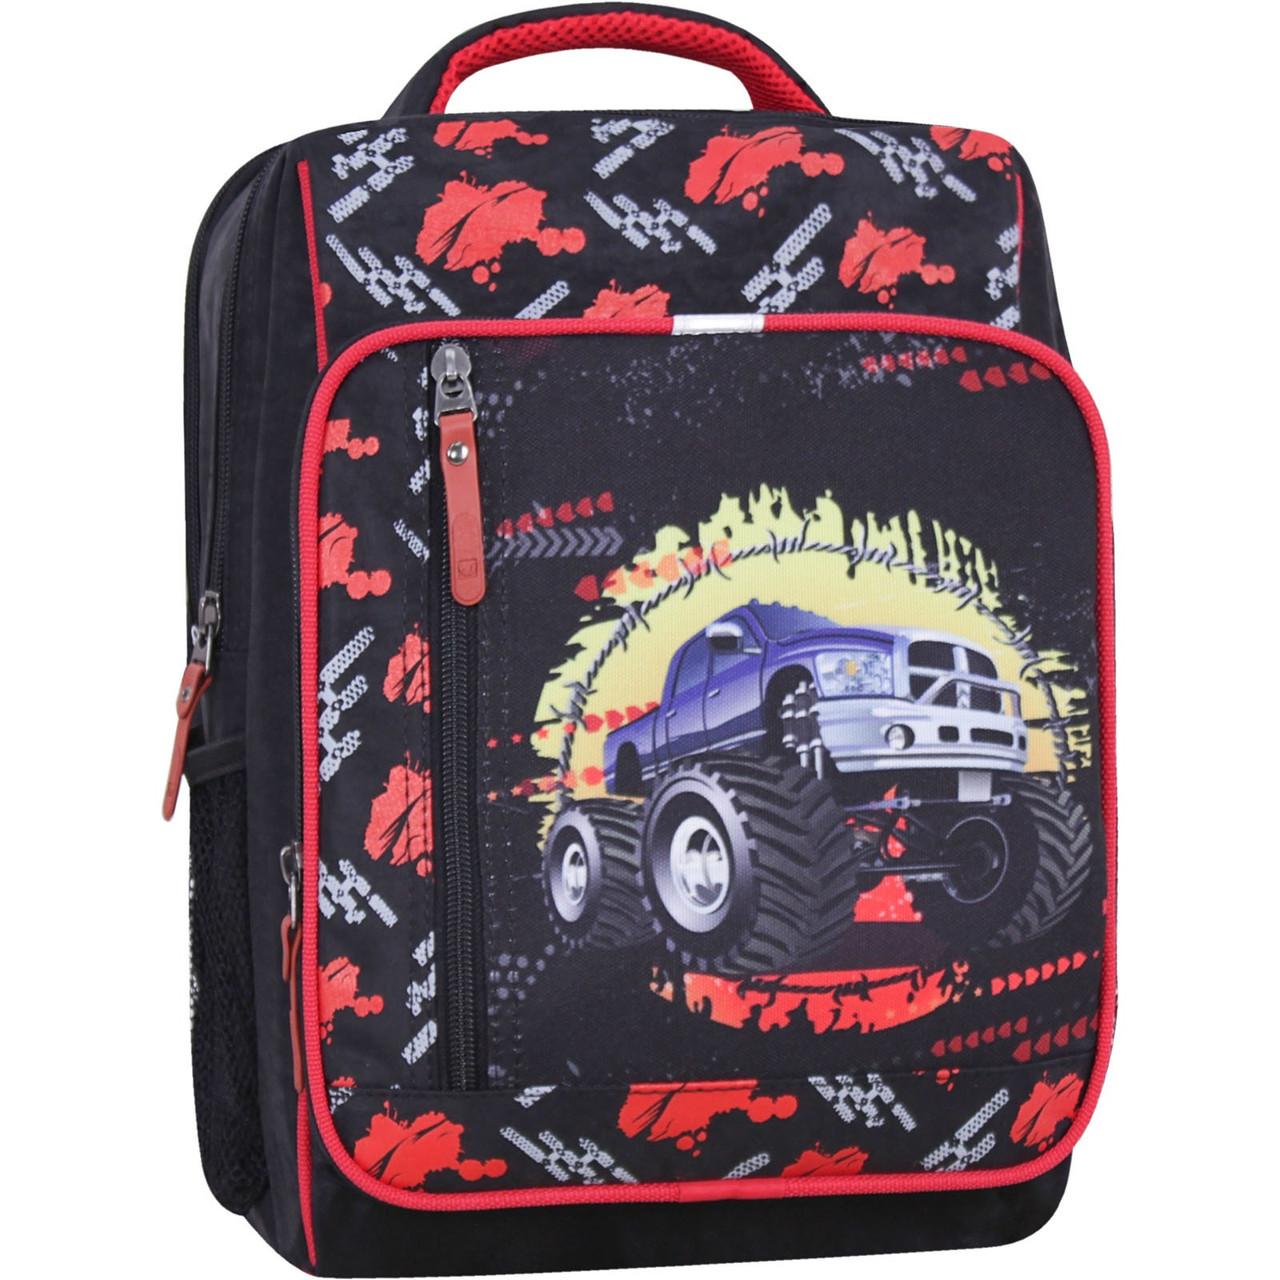 Школьный рюкзак ортопедический для мальчика портфель в 1-3 класс Bagland 660 (0012870)